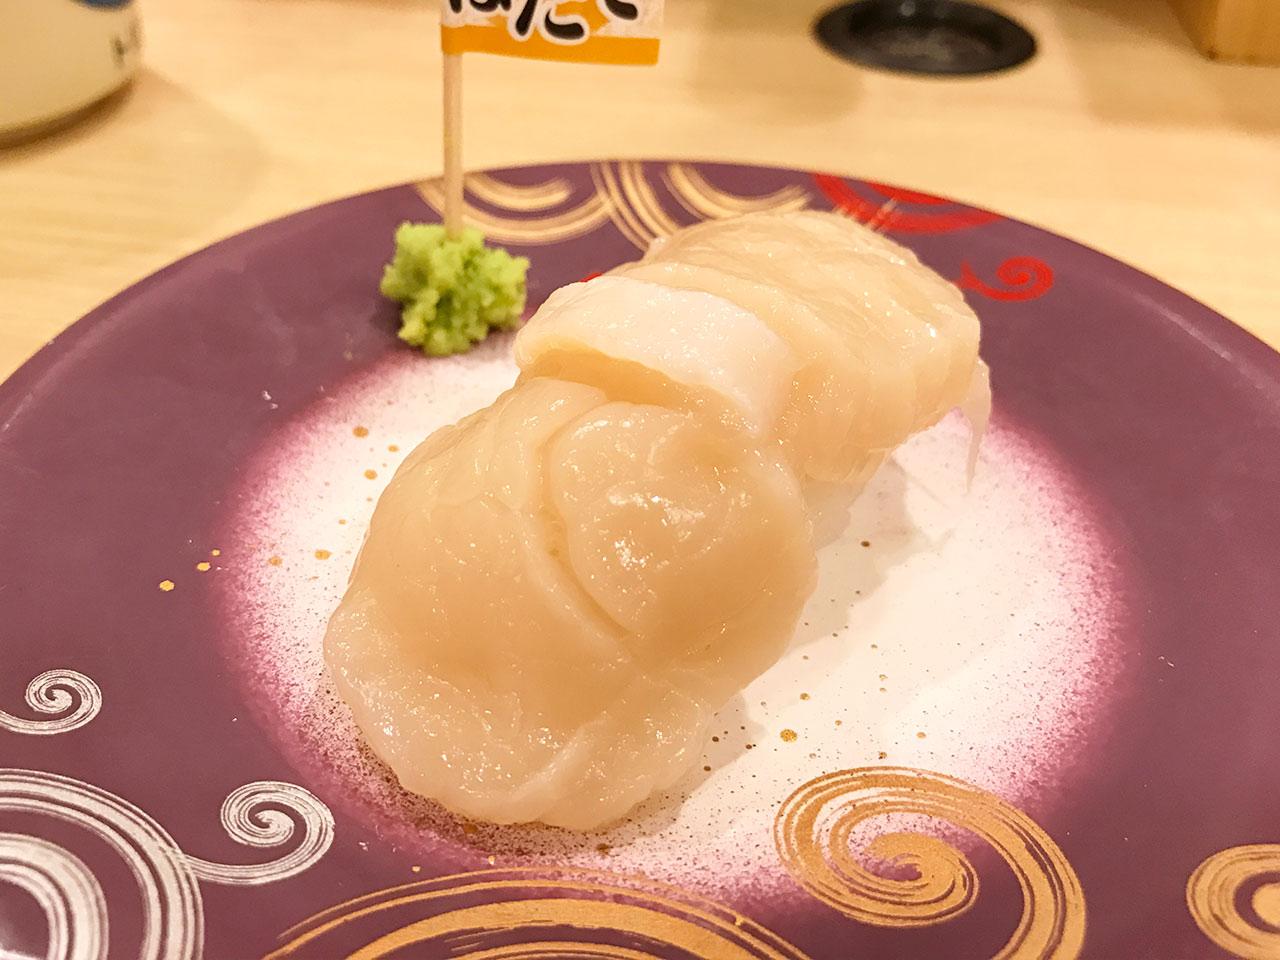 東京ソラマチ「トリトン」の寿司02